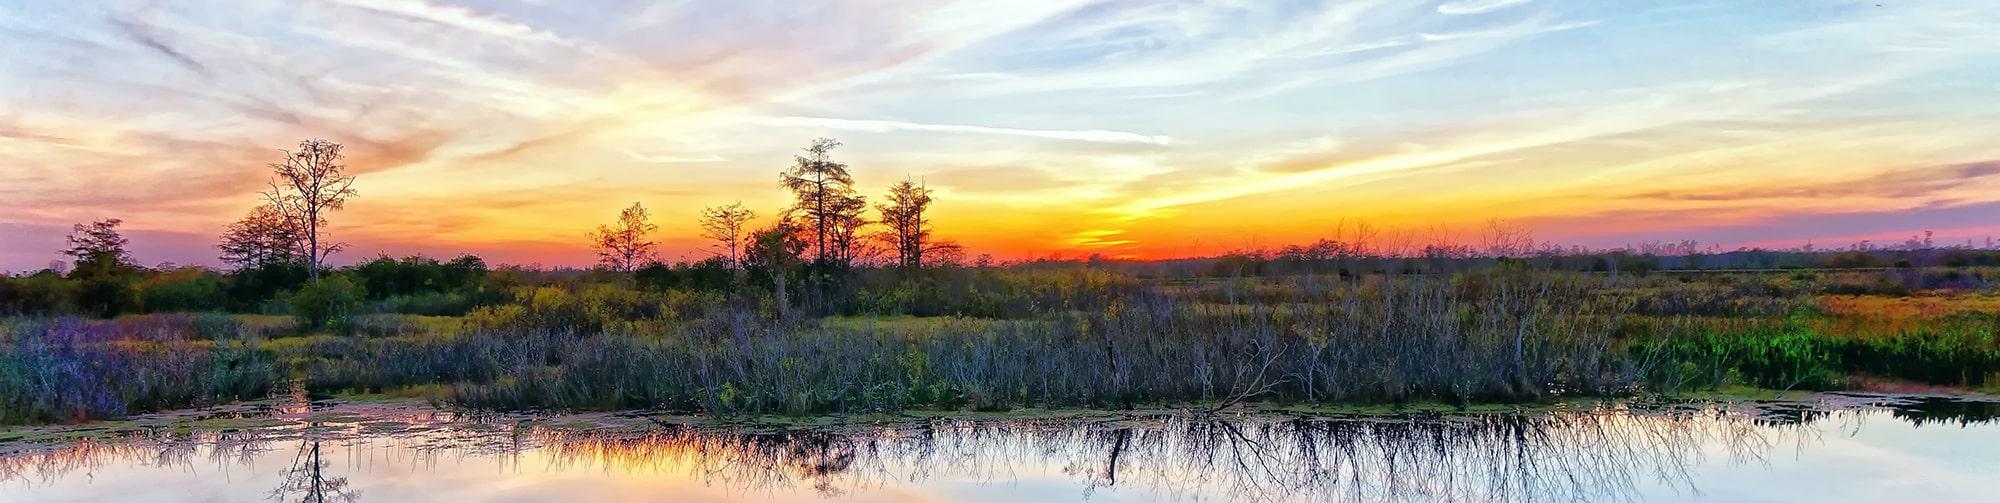 Beautiful Louisiana sunset landscape